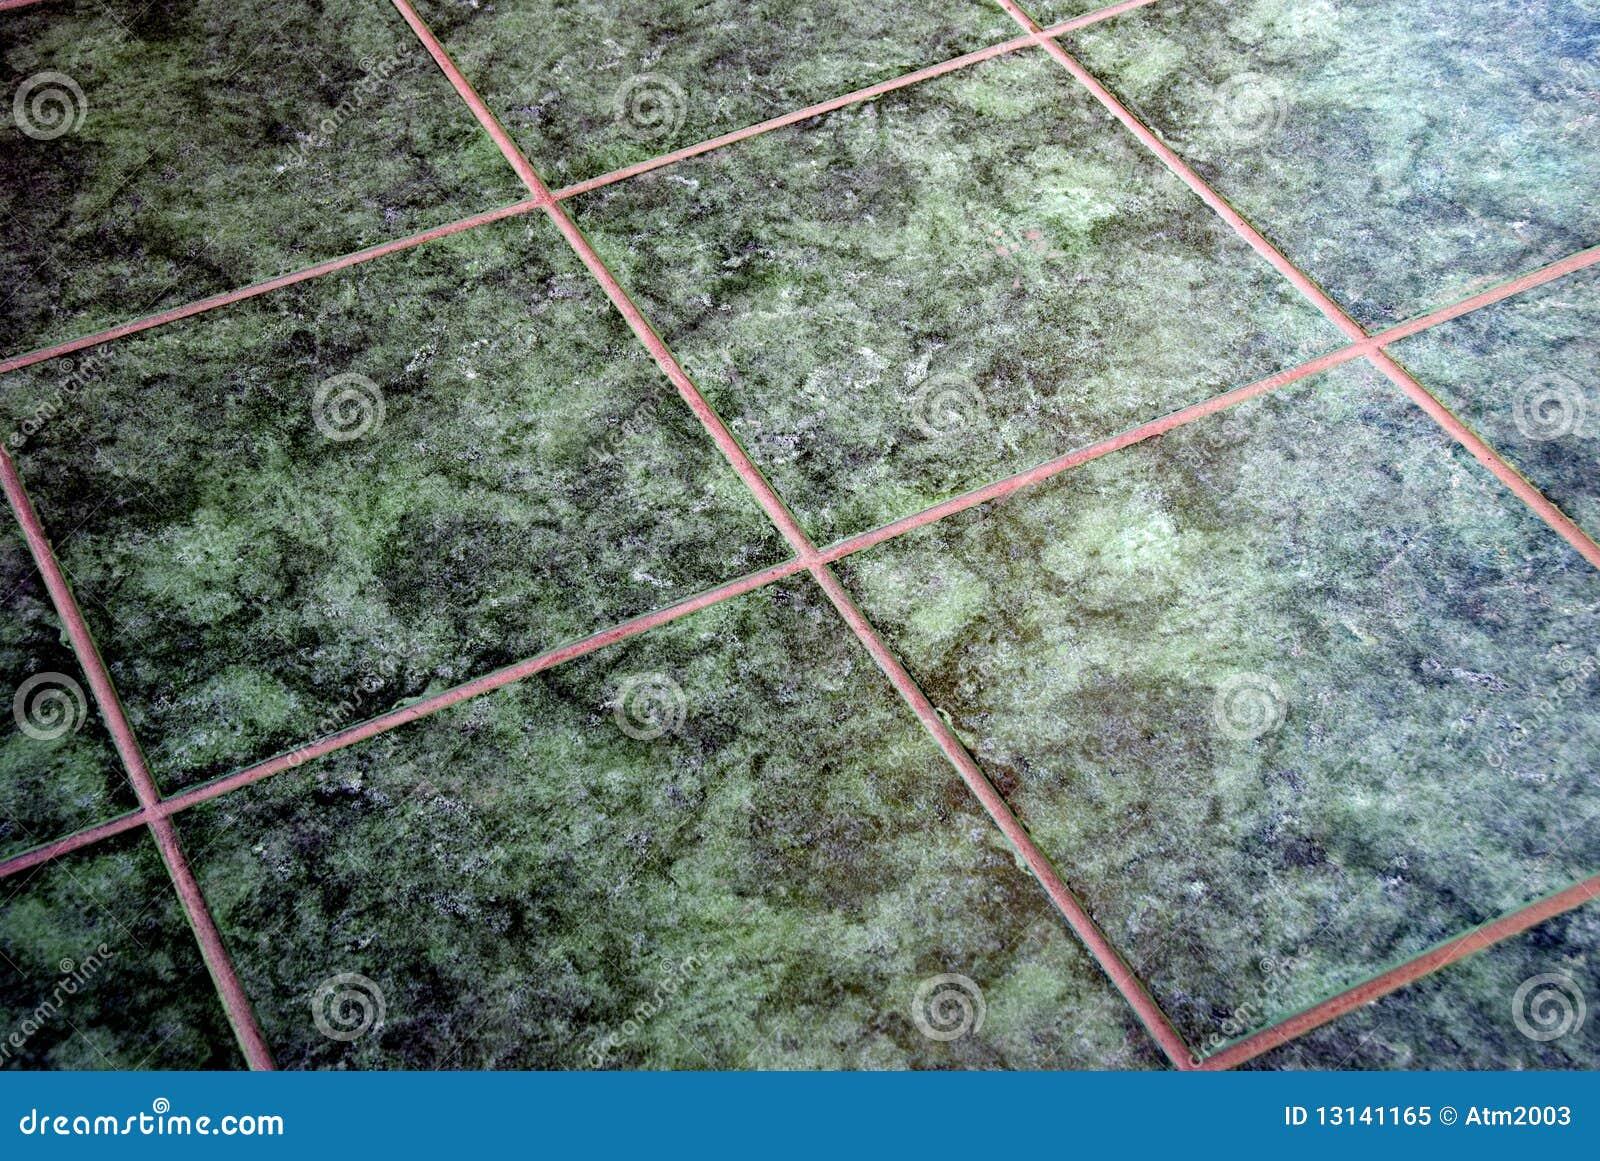 Groene marmeren tegels royalty vrije stock foto   afbeelding: 13141165